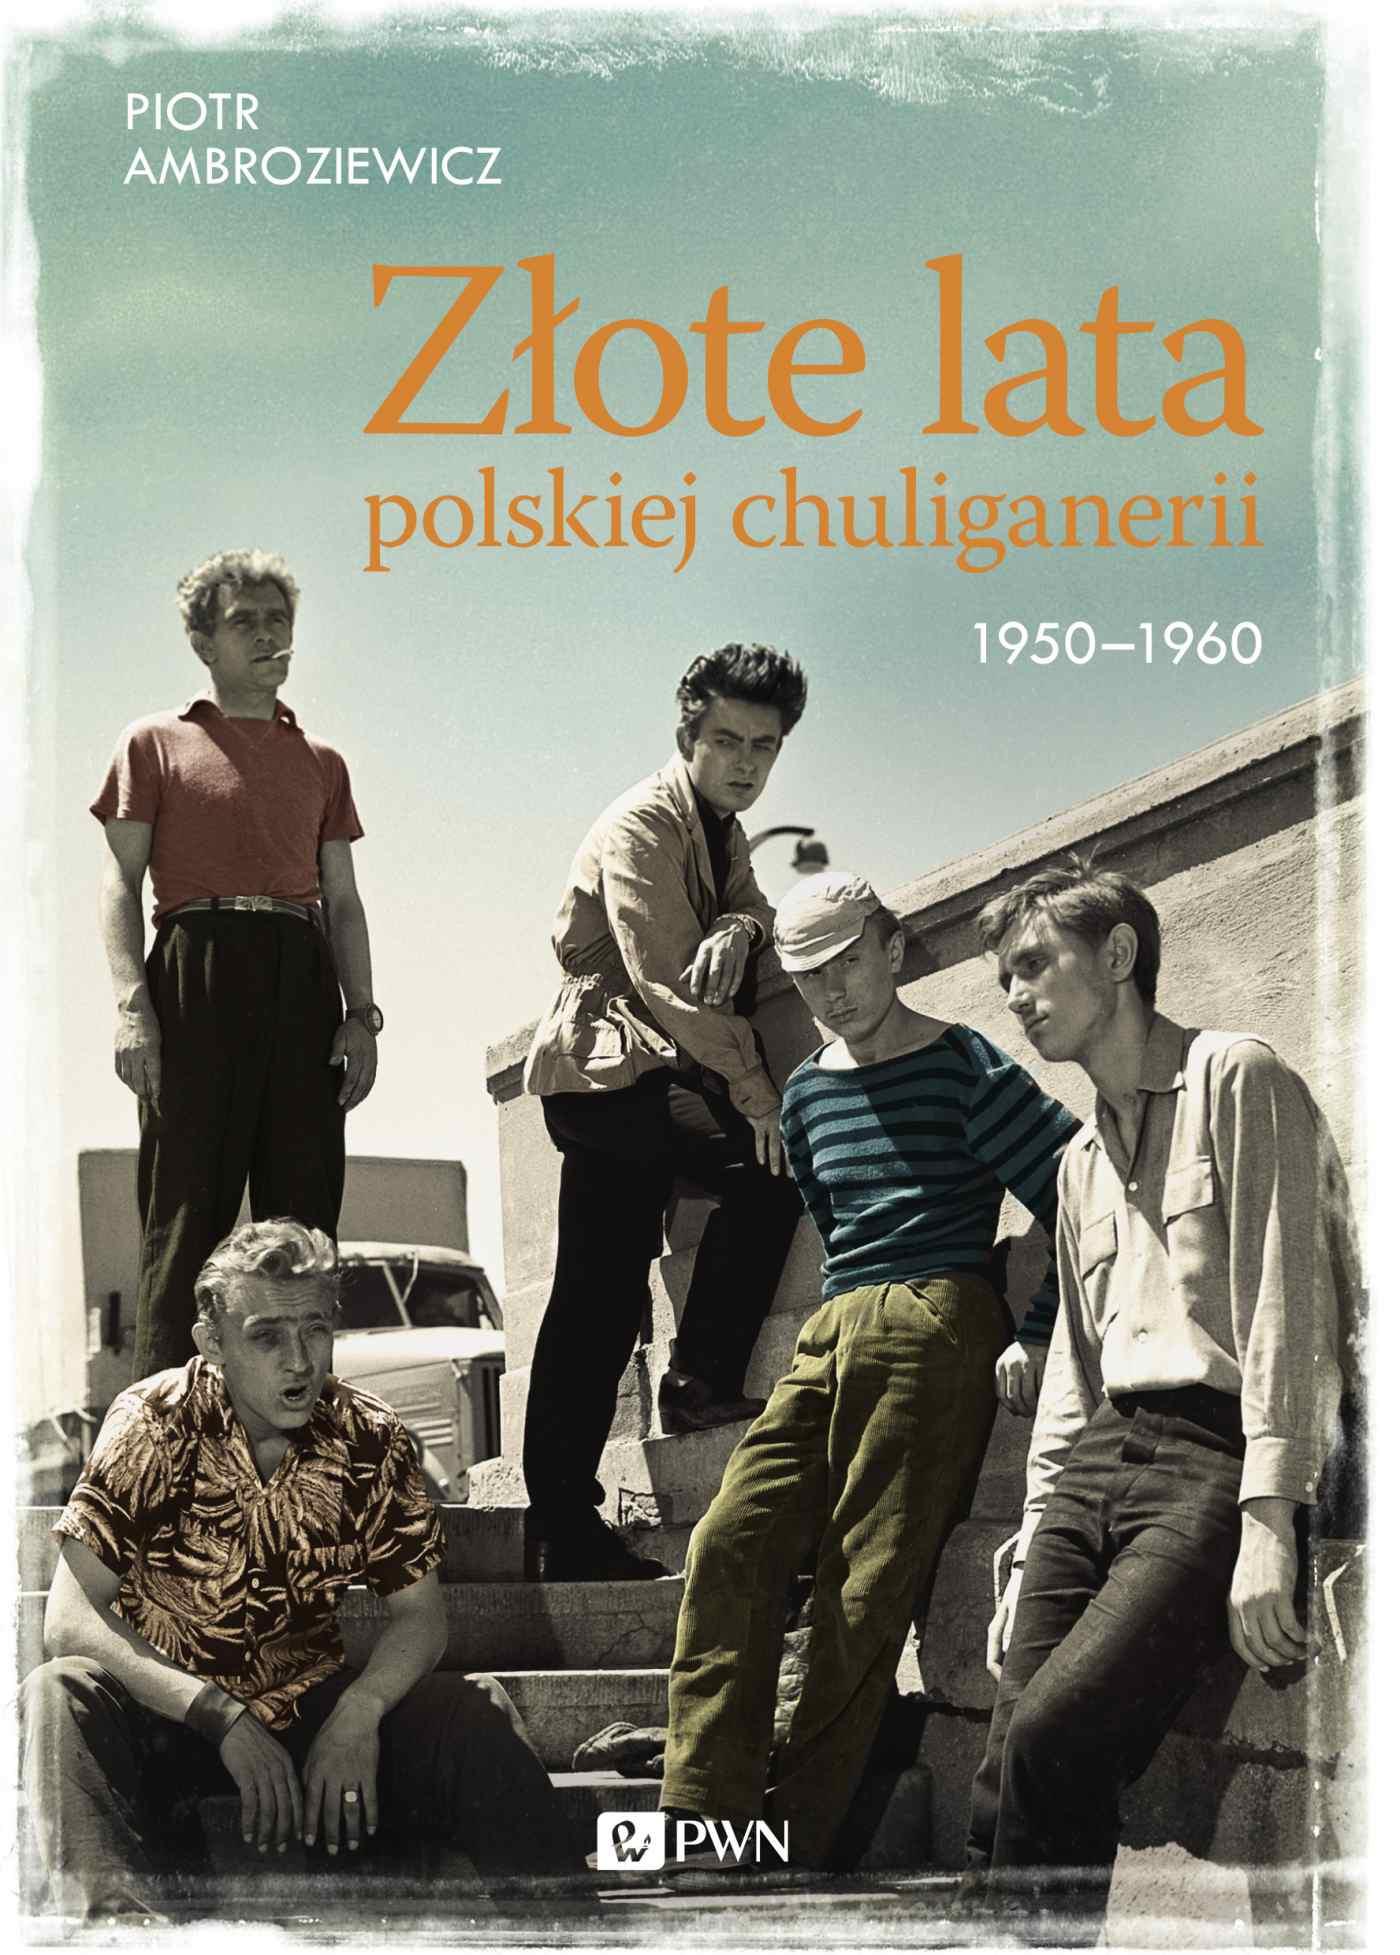 Złote lata polskiej chuliganerii 1950-1960 - Ebook (Książka EPUB) do pobrania w formacie EPUB